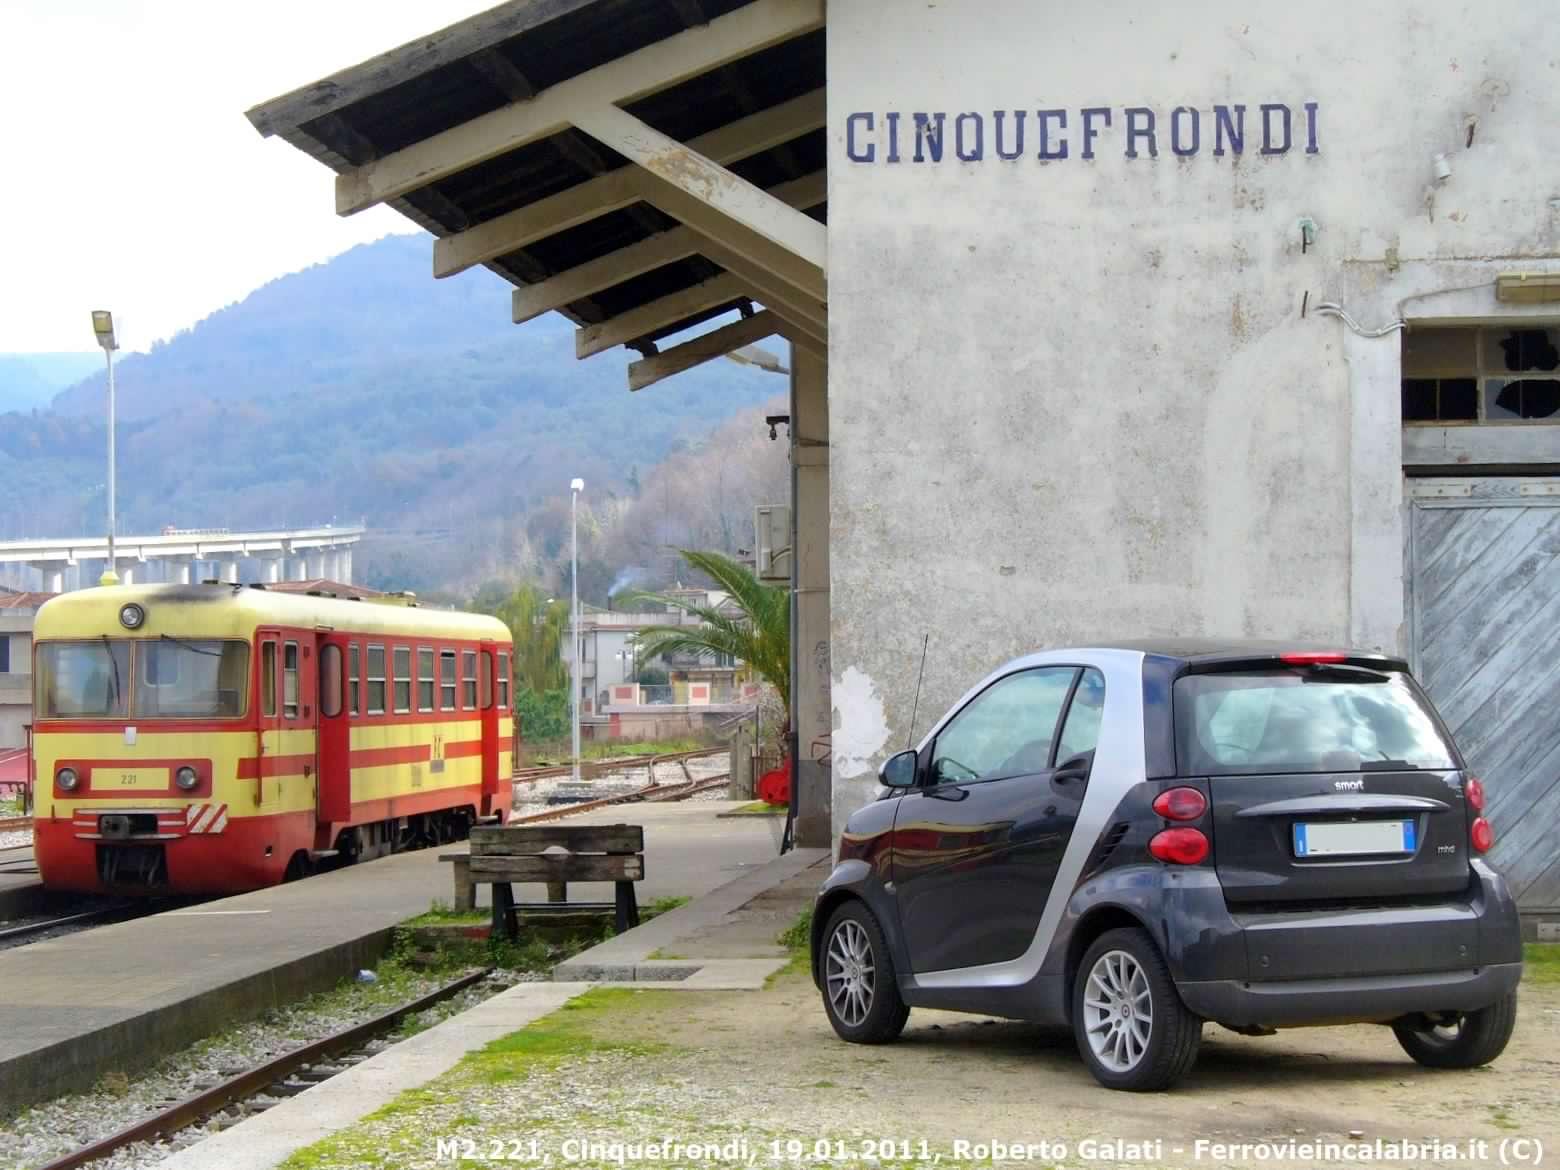 FdC-M2 221-Cinquefrondi-2011-01-19-RobertoGalati